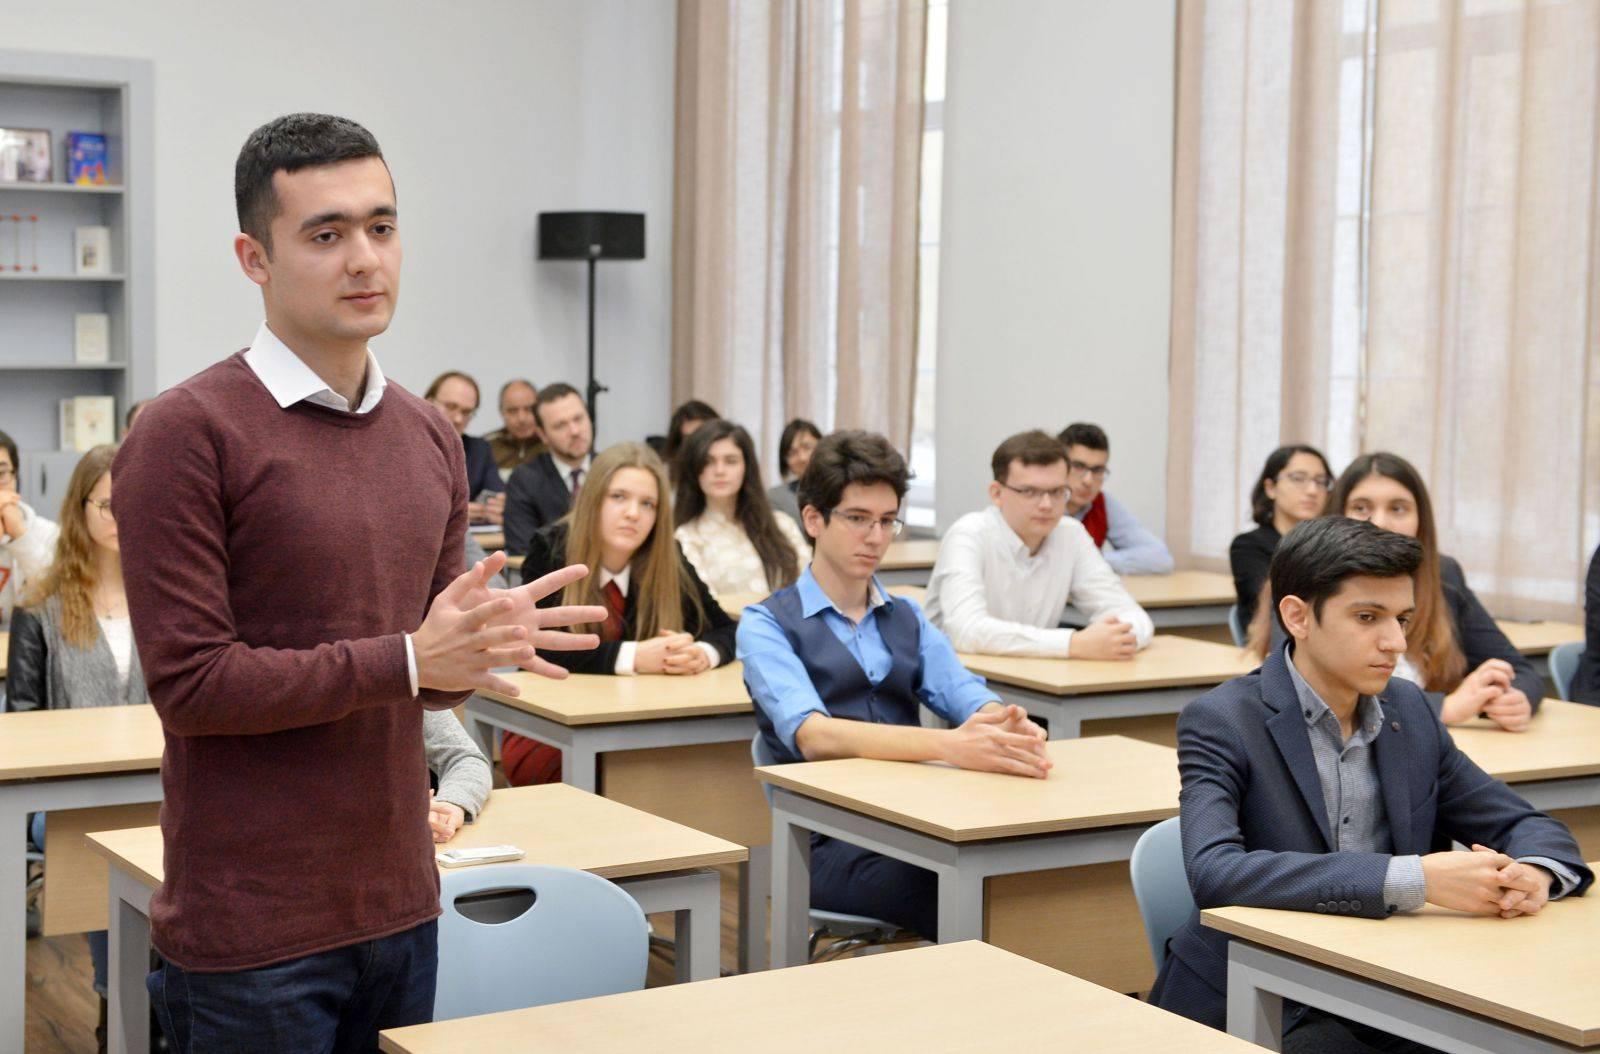 Особенности французской образовательной системы — urhelp.guru